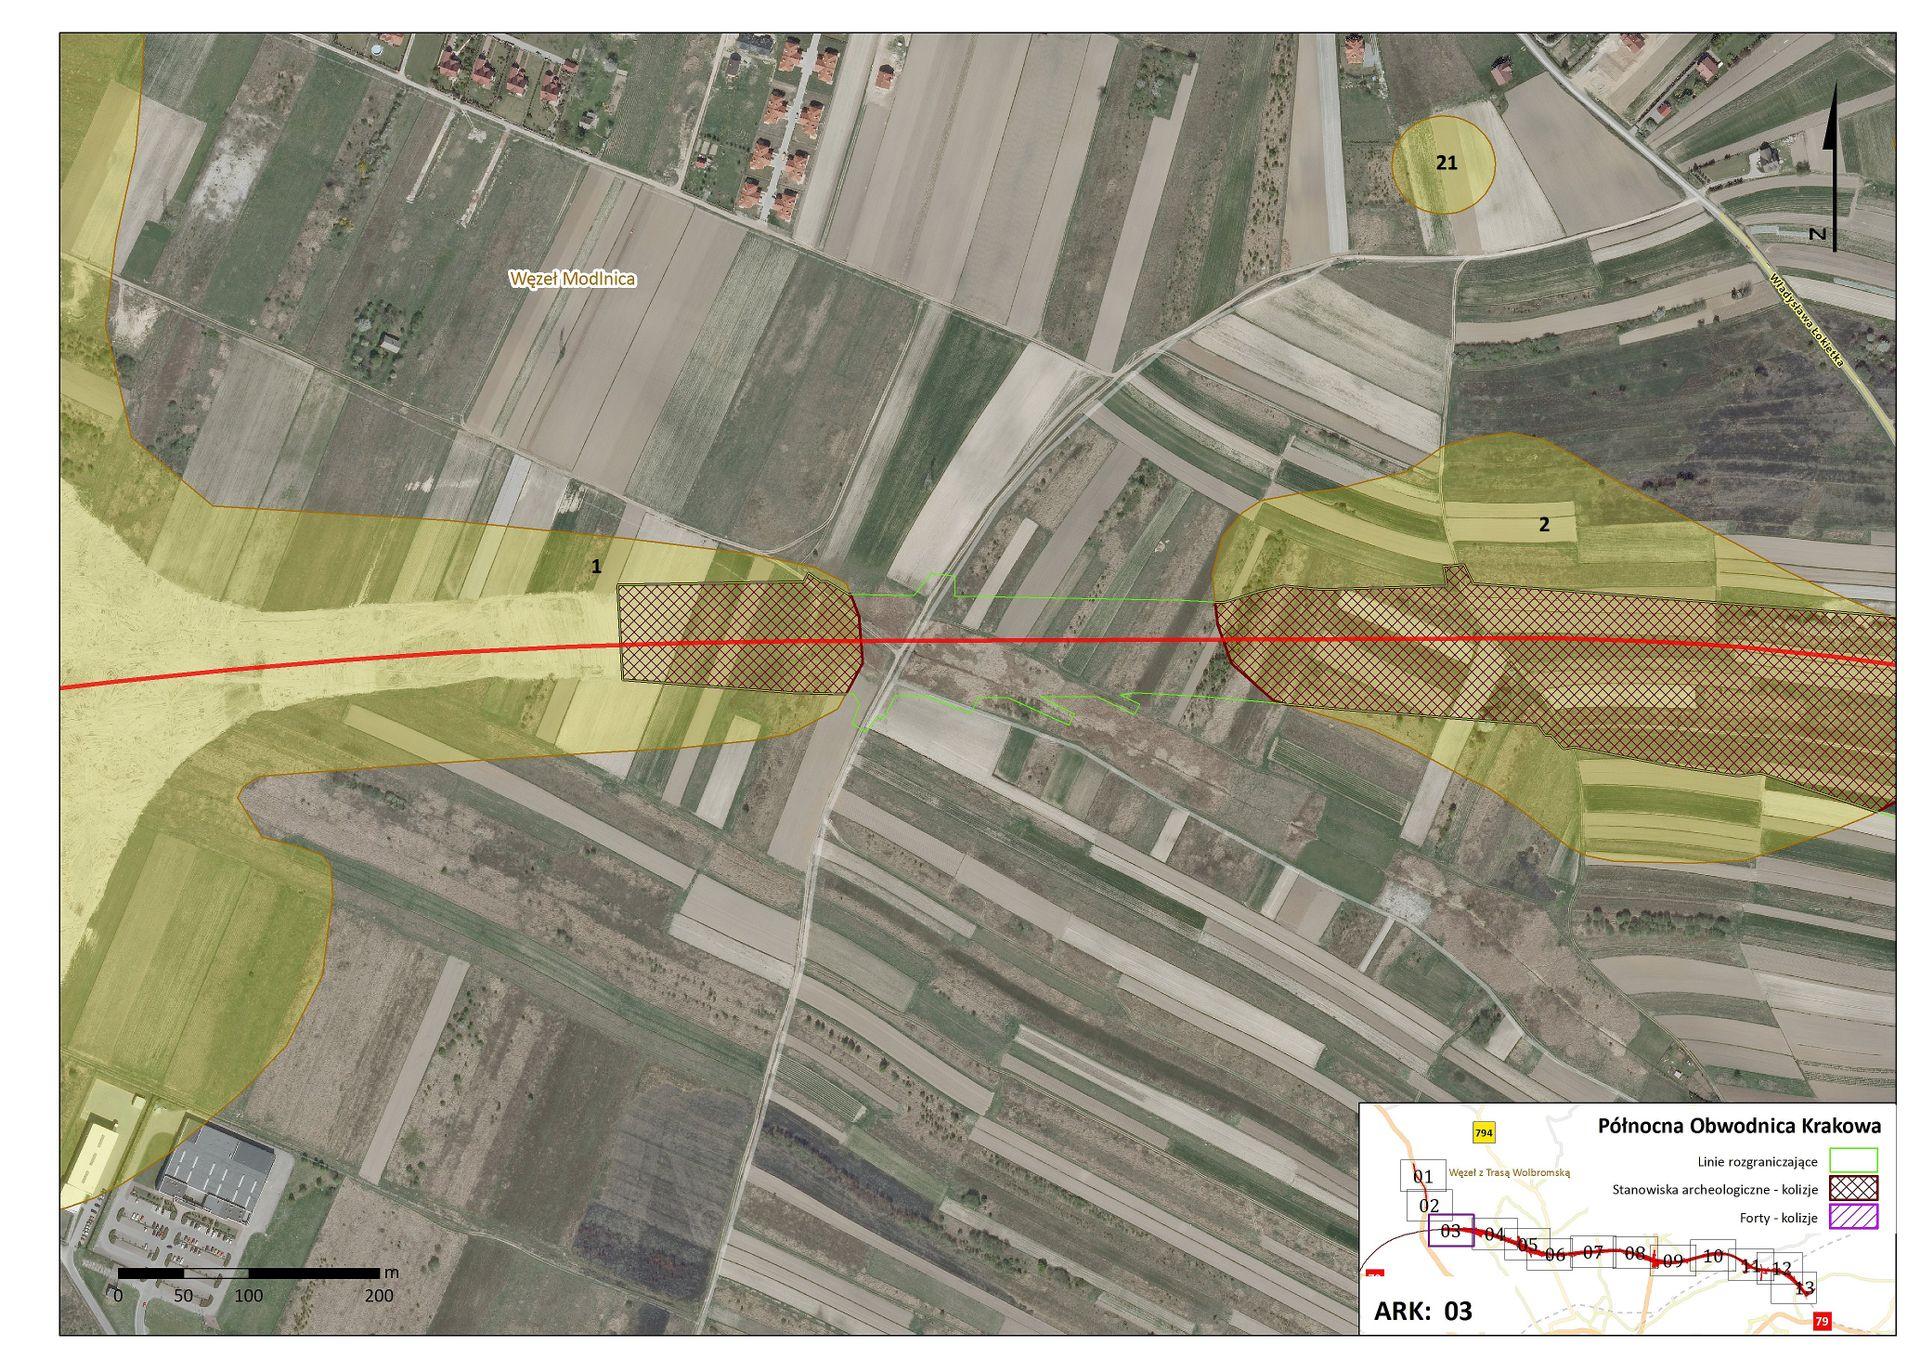 Rusza budowa długo wyczekiwanej Północnej Obwodnicy Krakowa